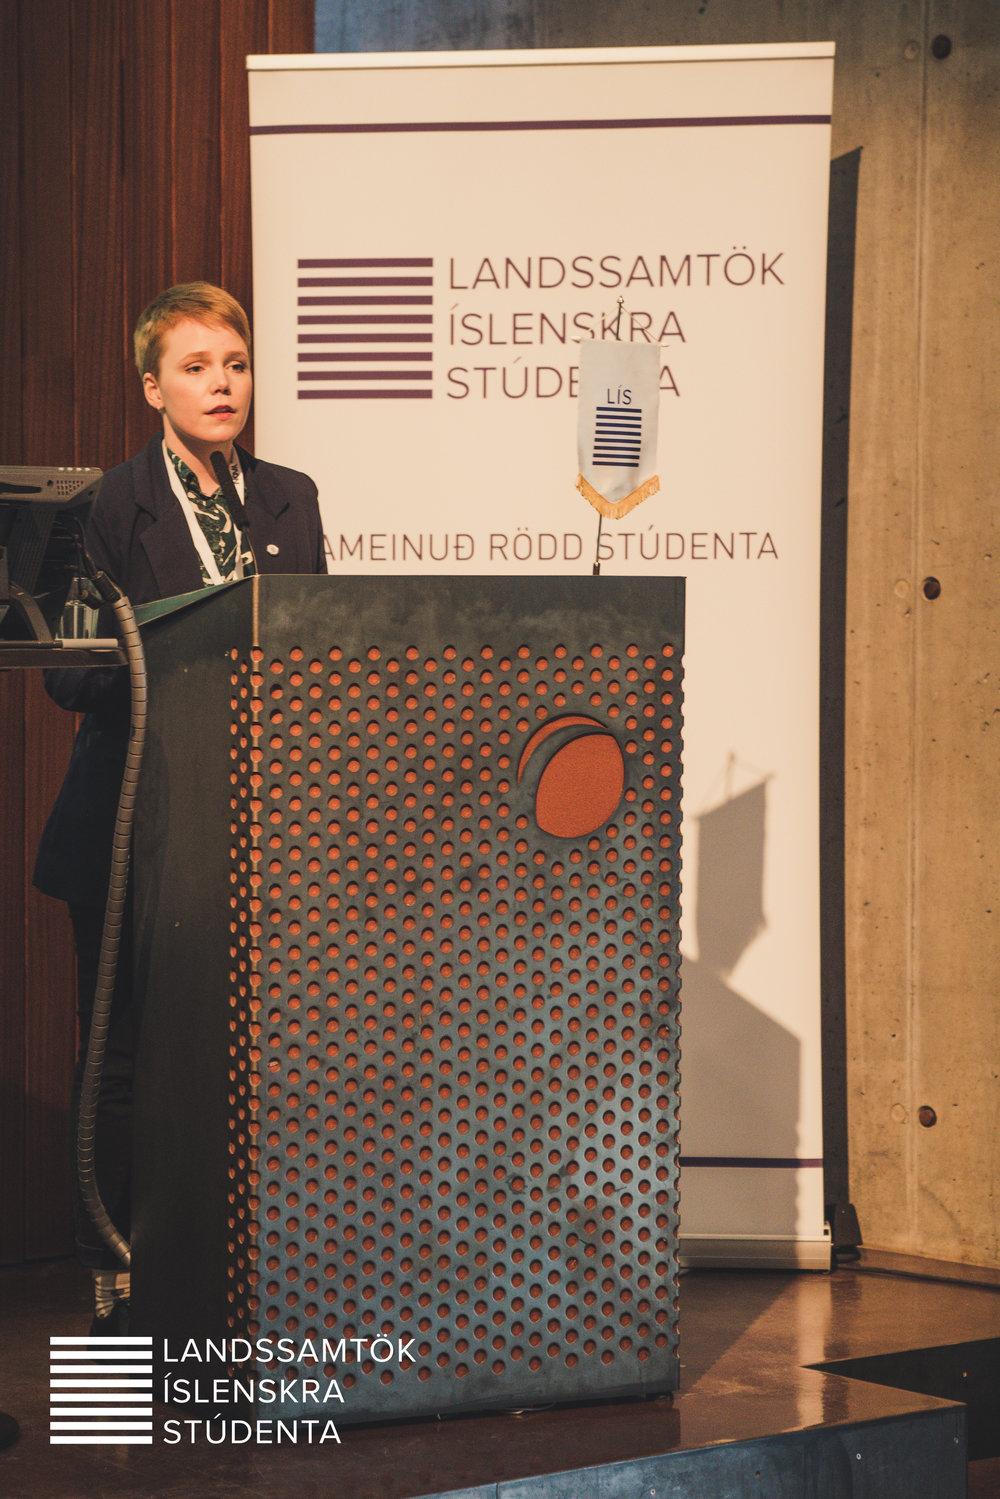 Elsa María Guðlaugs Drífudóttir flytur framboðsræðu sína